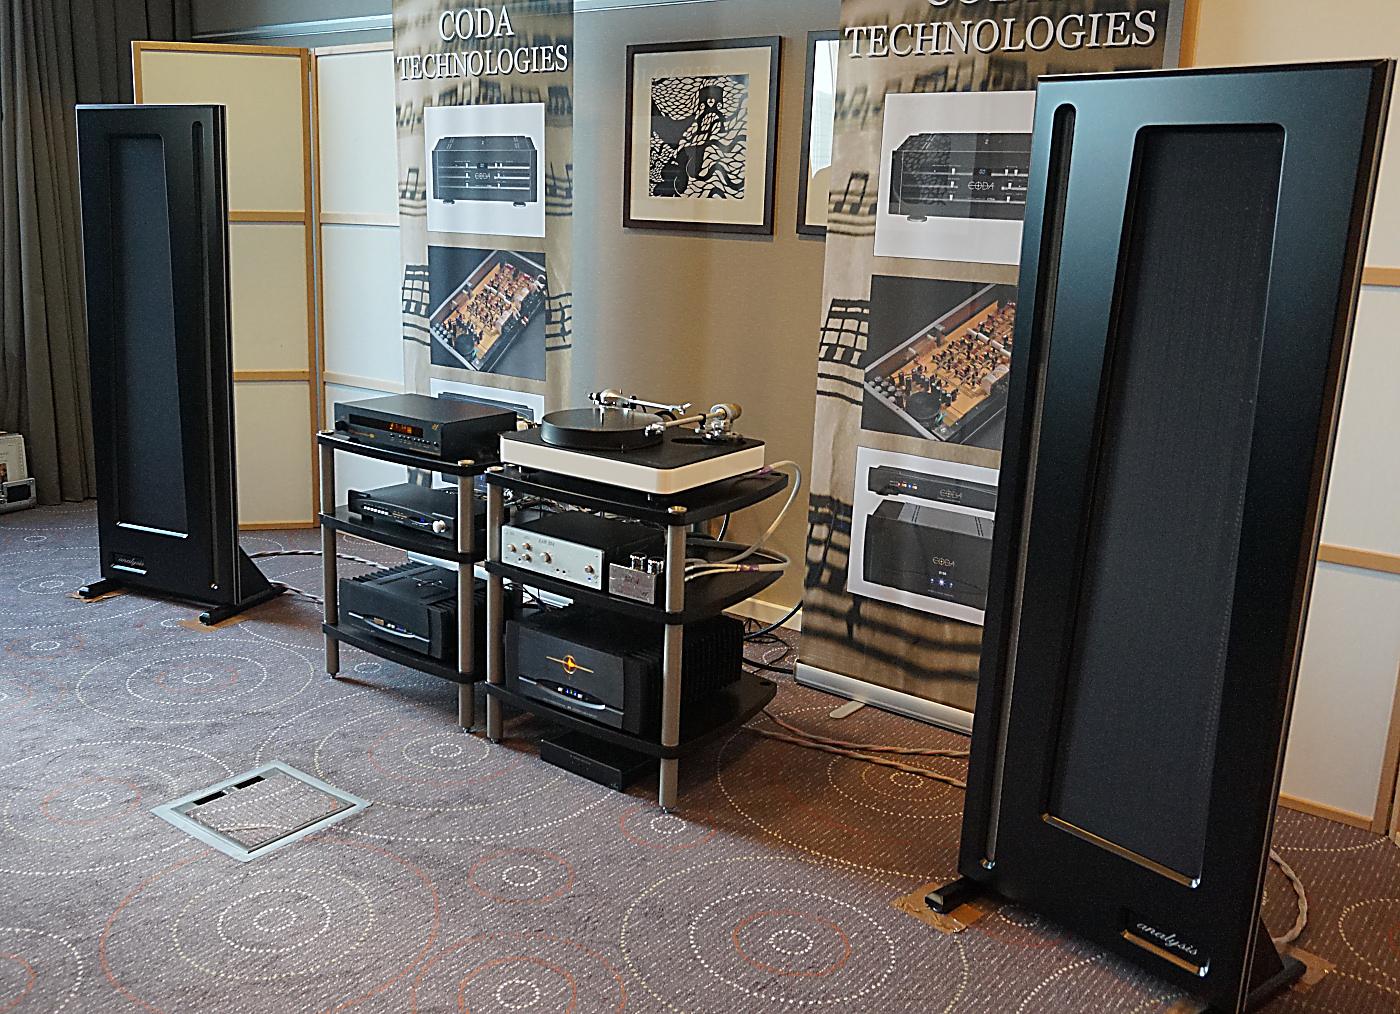 Coda-elektronik og Analysis-båndhøjttalere hos Exotc Audio. Foto: John Alex Hvidlykke, Lyd & Billede